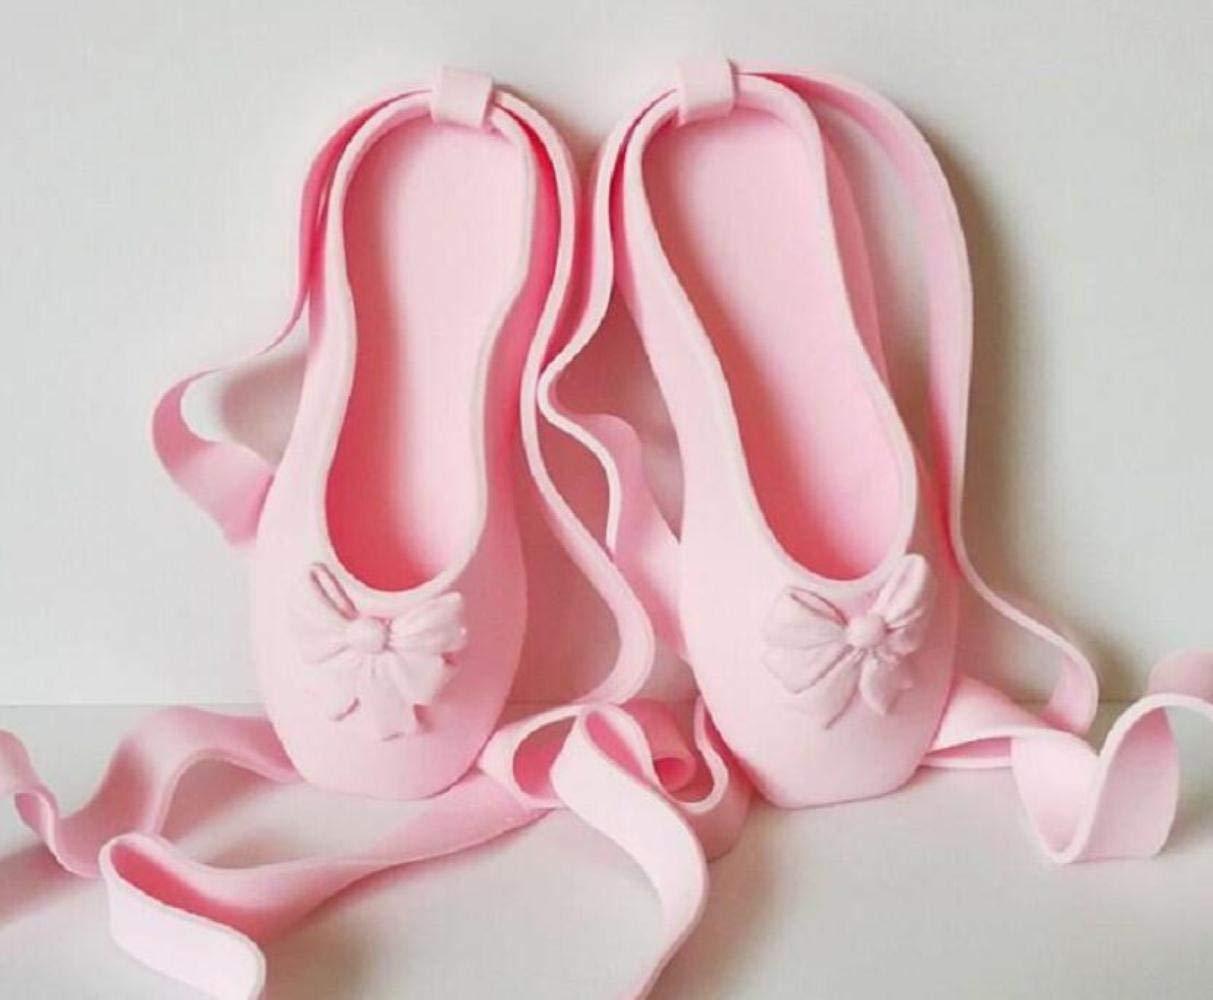 SGAHEIWI Herramienta de Pastel Zapato de Ballet Cortador de ...